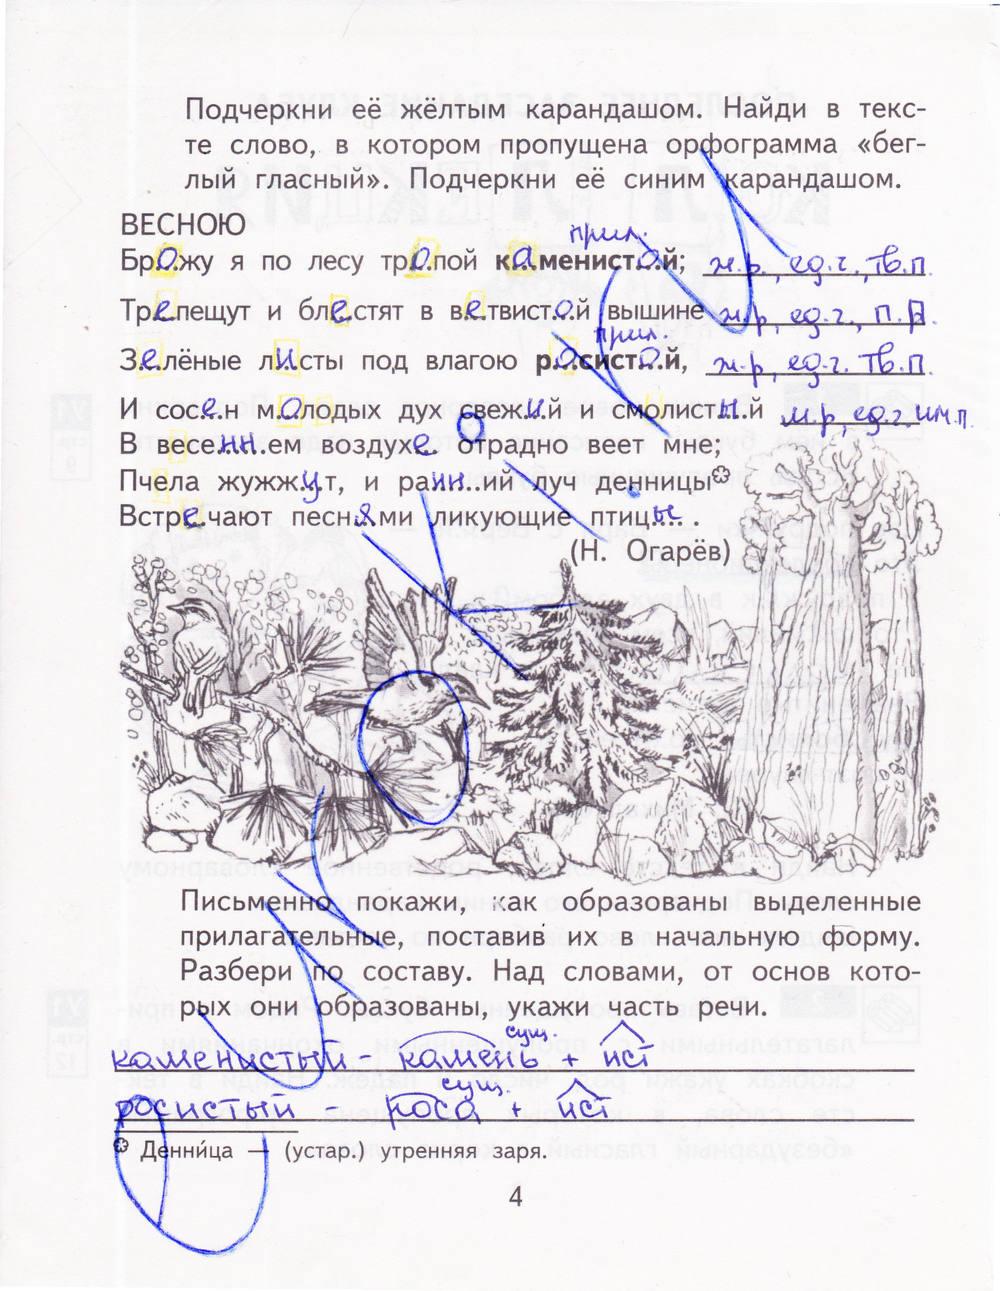 Байкова язык 1 рабочая класс русский часть гдз тетрадь 4